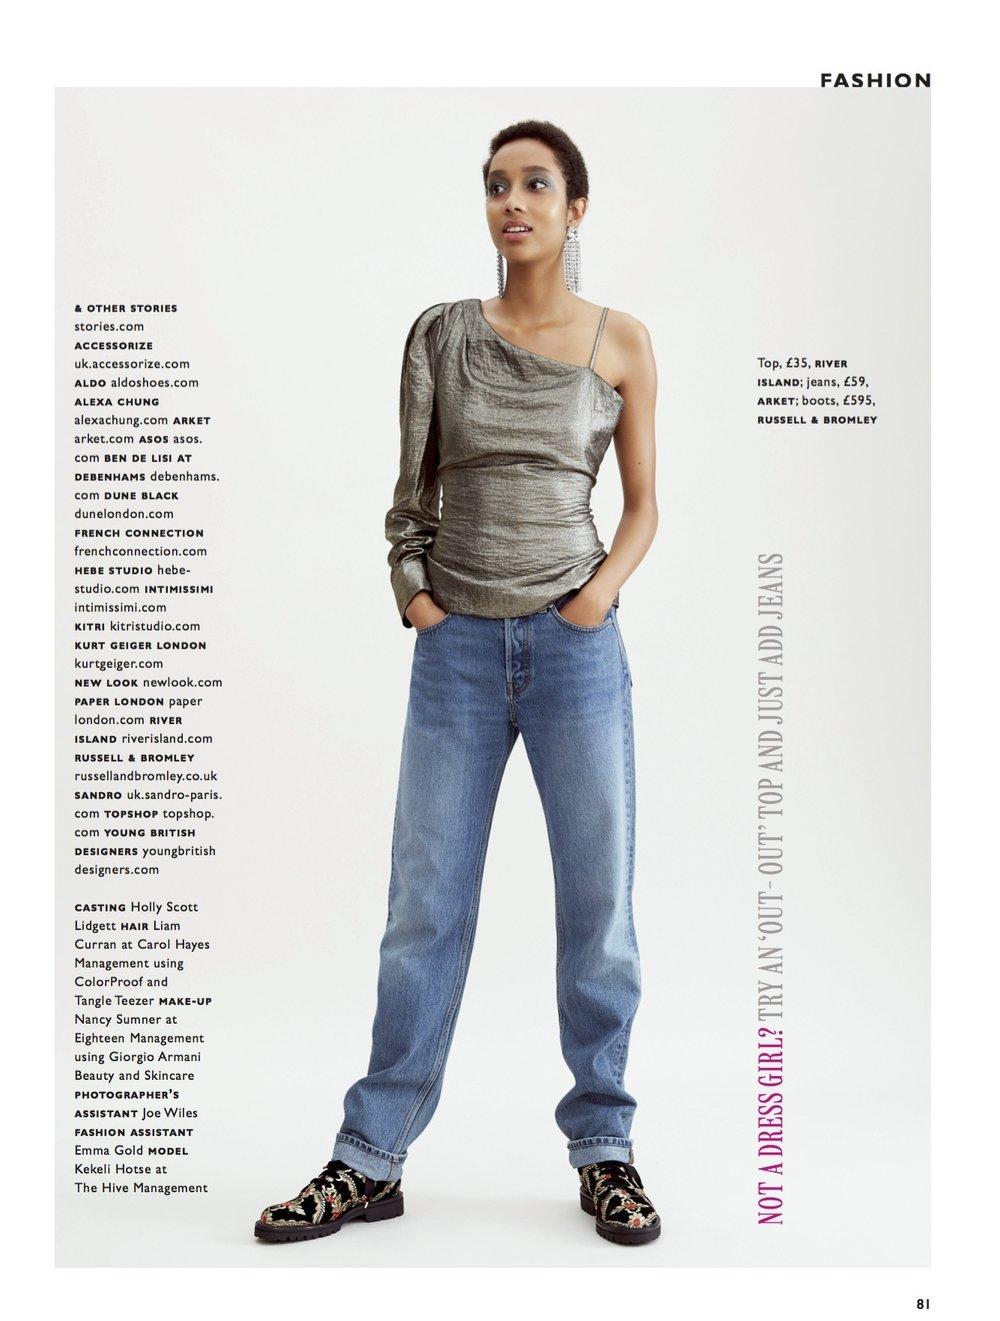 Fashion 10.jpg